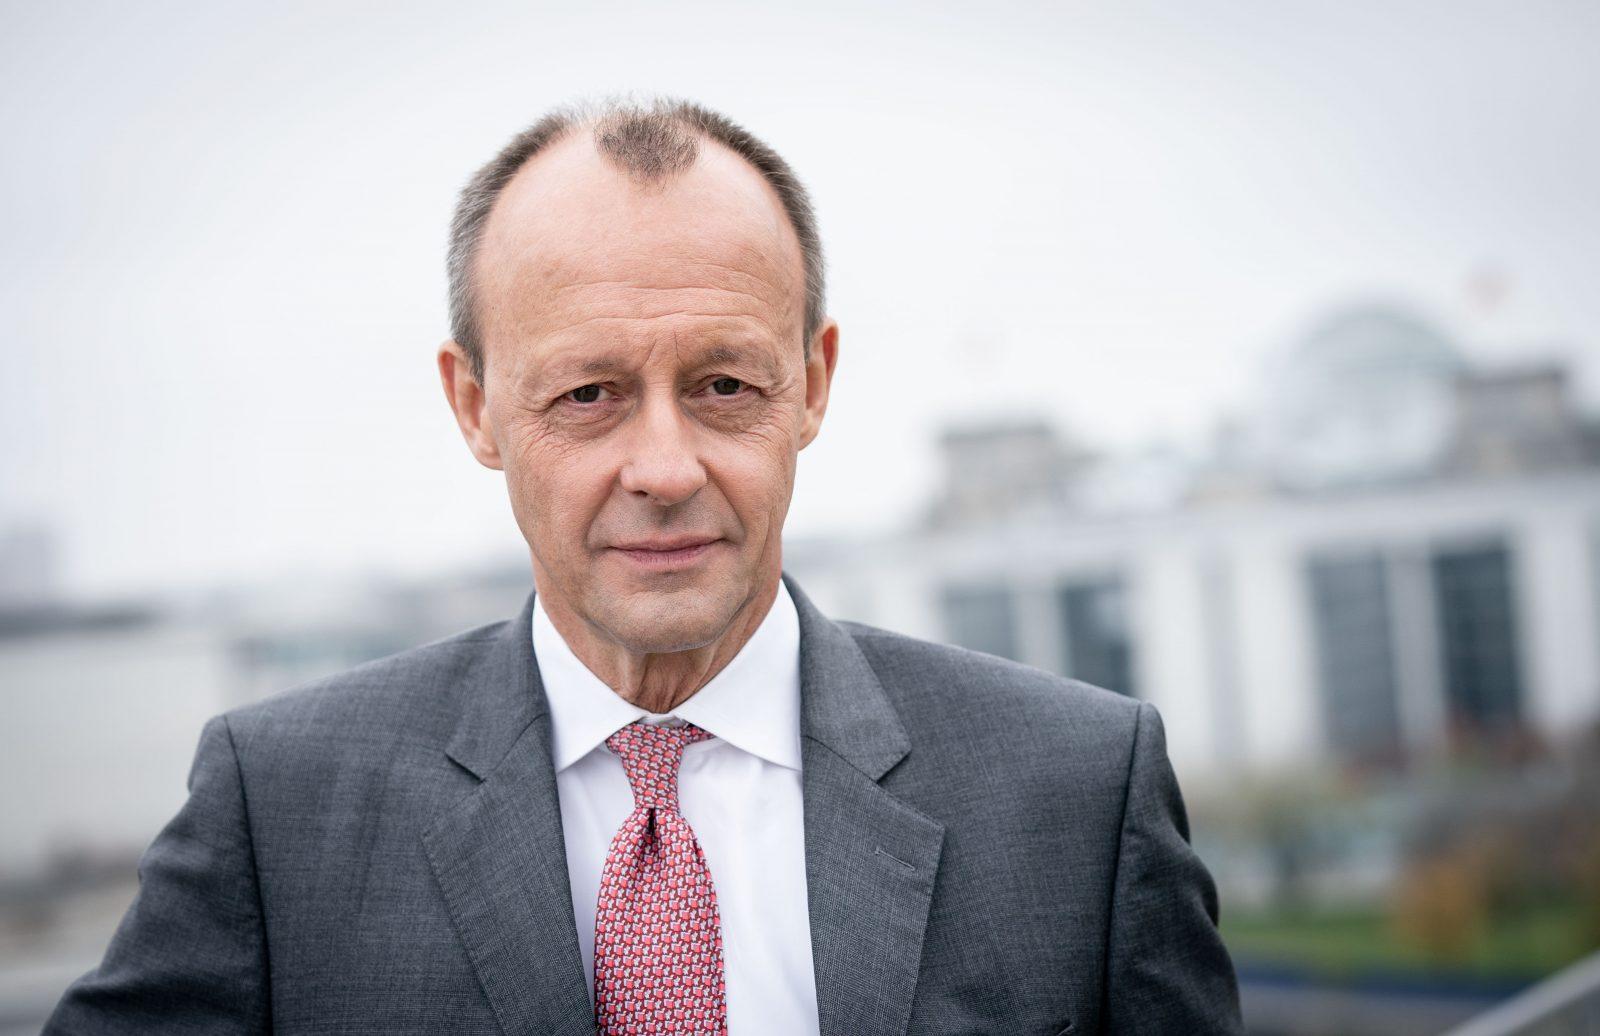 Der Kandidat für den CDU-Vorsitz, Friedrich Merz, zeigt sich aufgeschlossen gegenüber einer parteiinternen Frauenquote